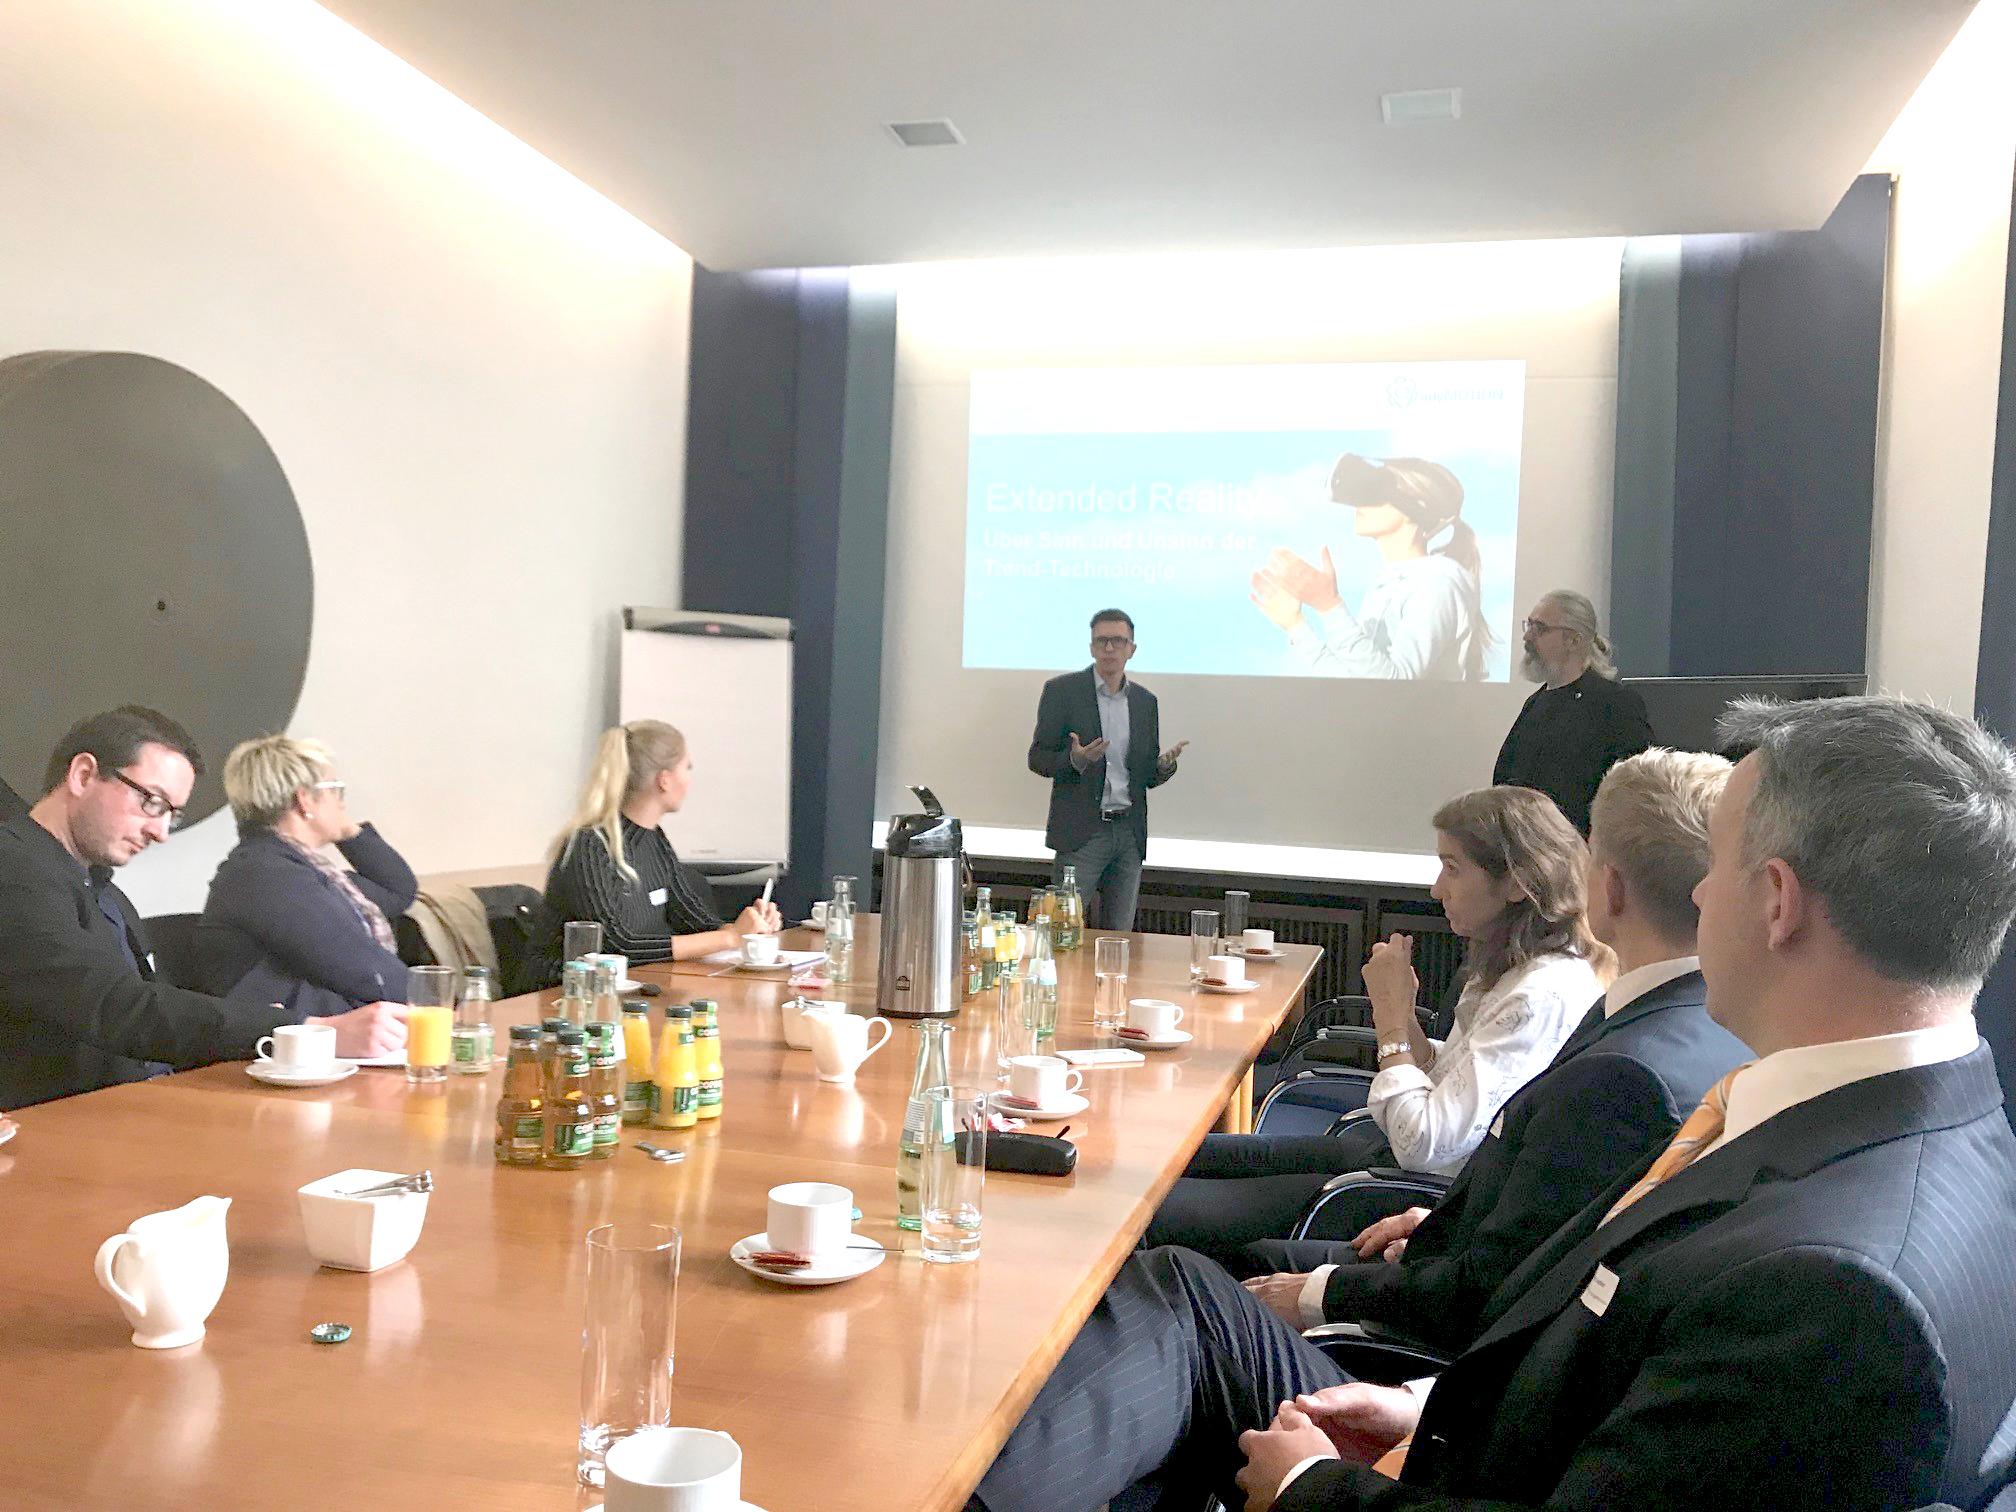 Mathias Kossmann Vortrag Virtuelle Realität in Unternehmenskommunikation Unternehmerschaft Düsseldorf